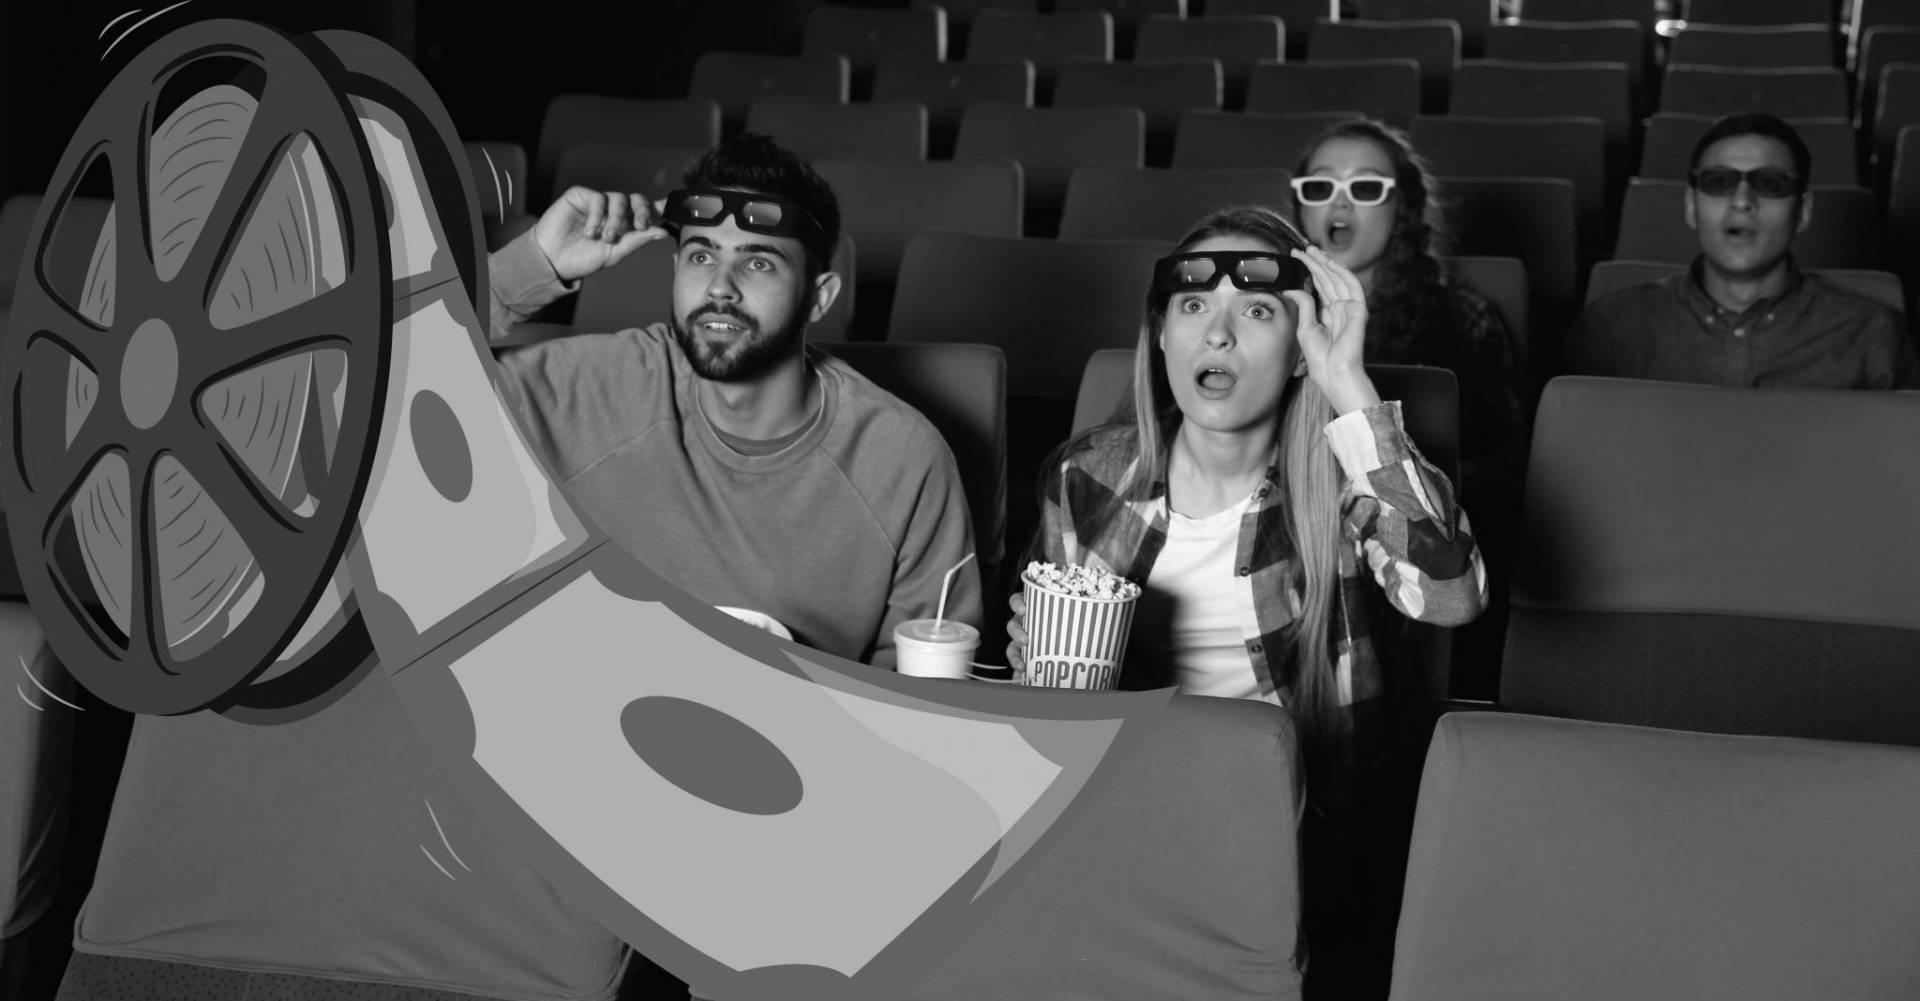 كيف تساهم صناعة الأفلام في تطوير الاقتصاد؟